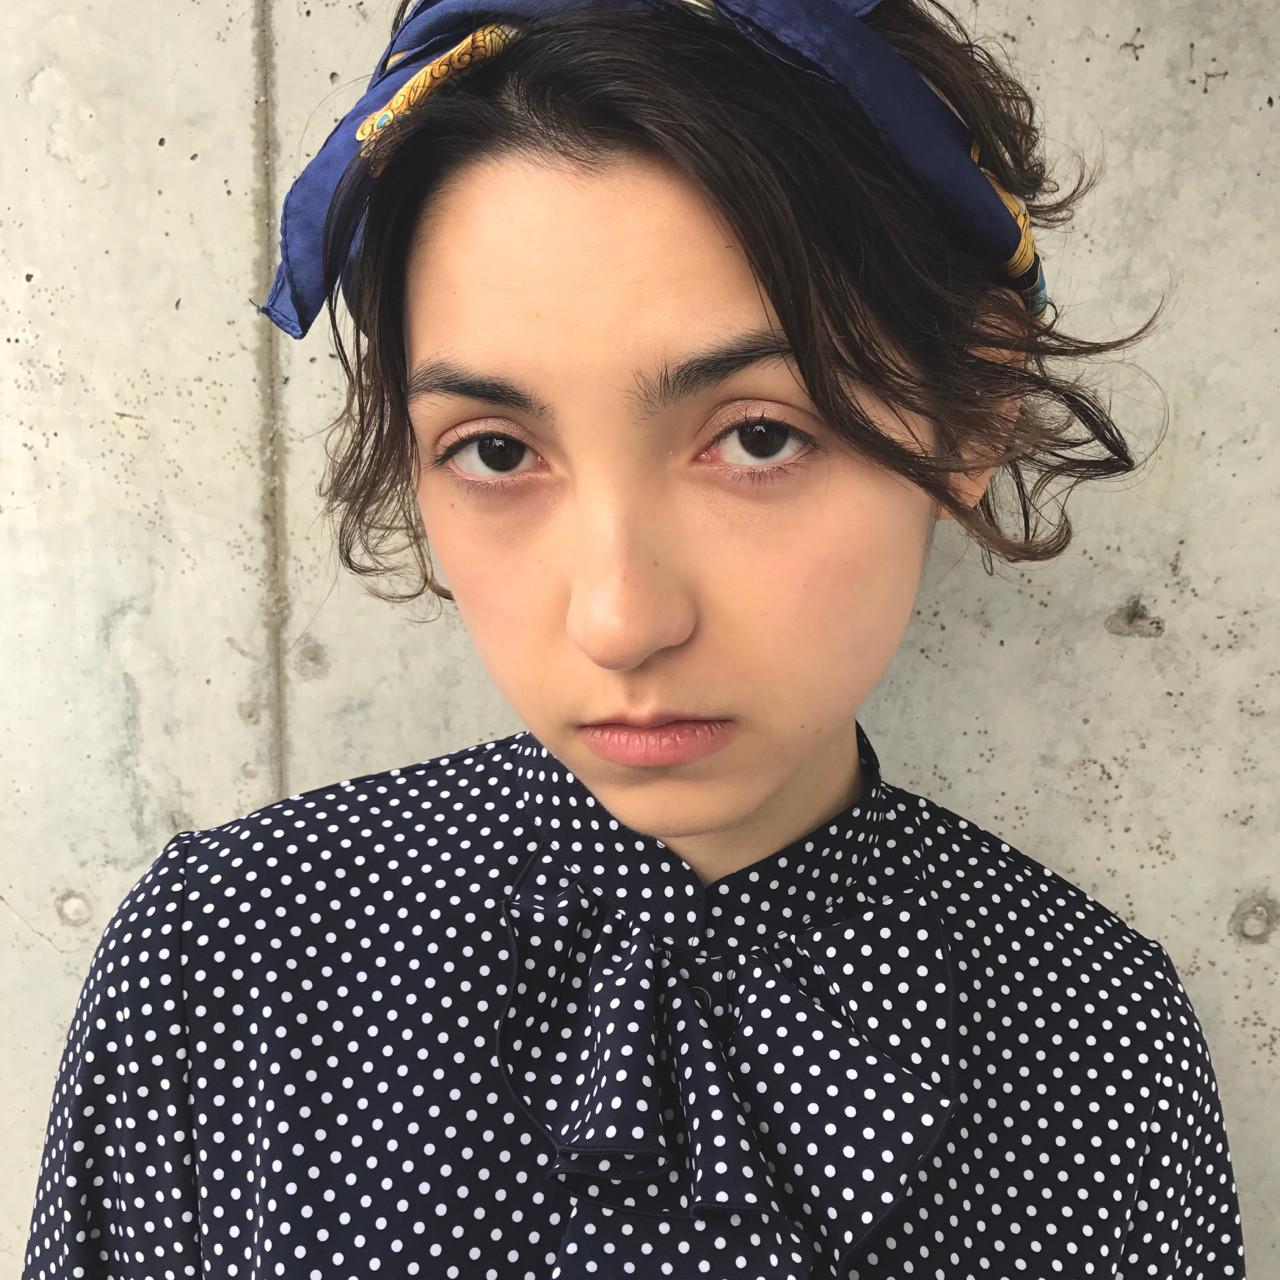 スカーフで!ヘアバンド風アレンジ 小西敬二郎